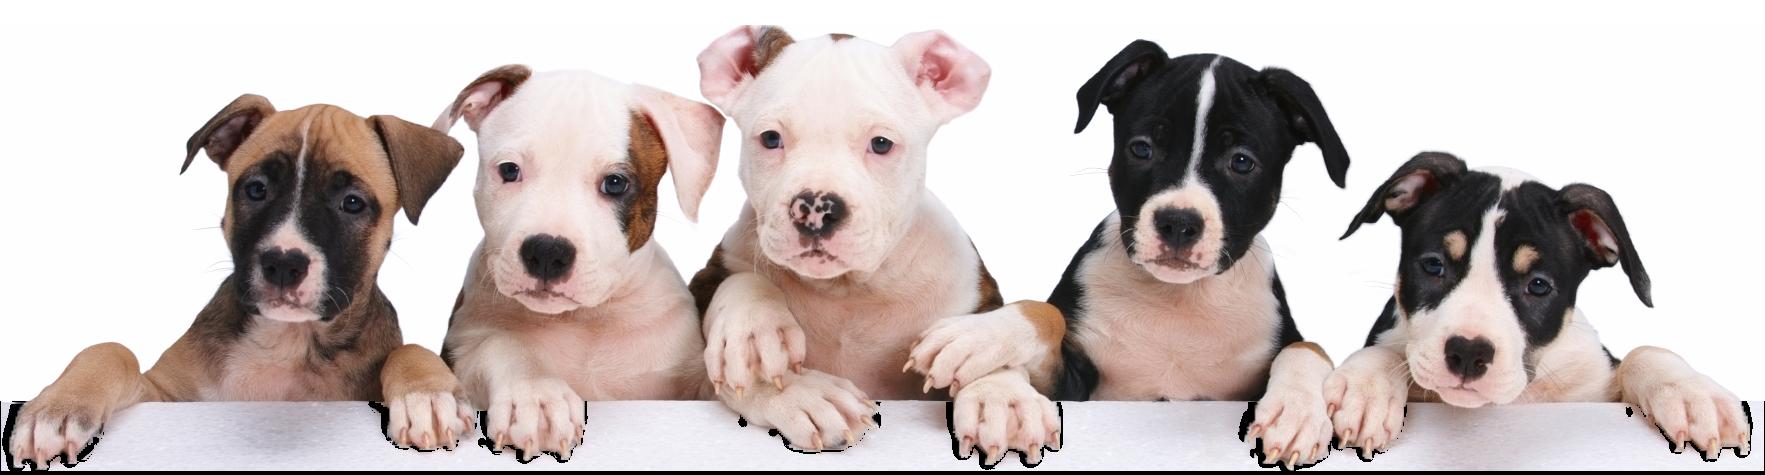 Petland Joplin Cute Puppies For Sale